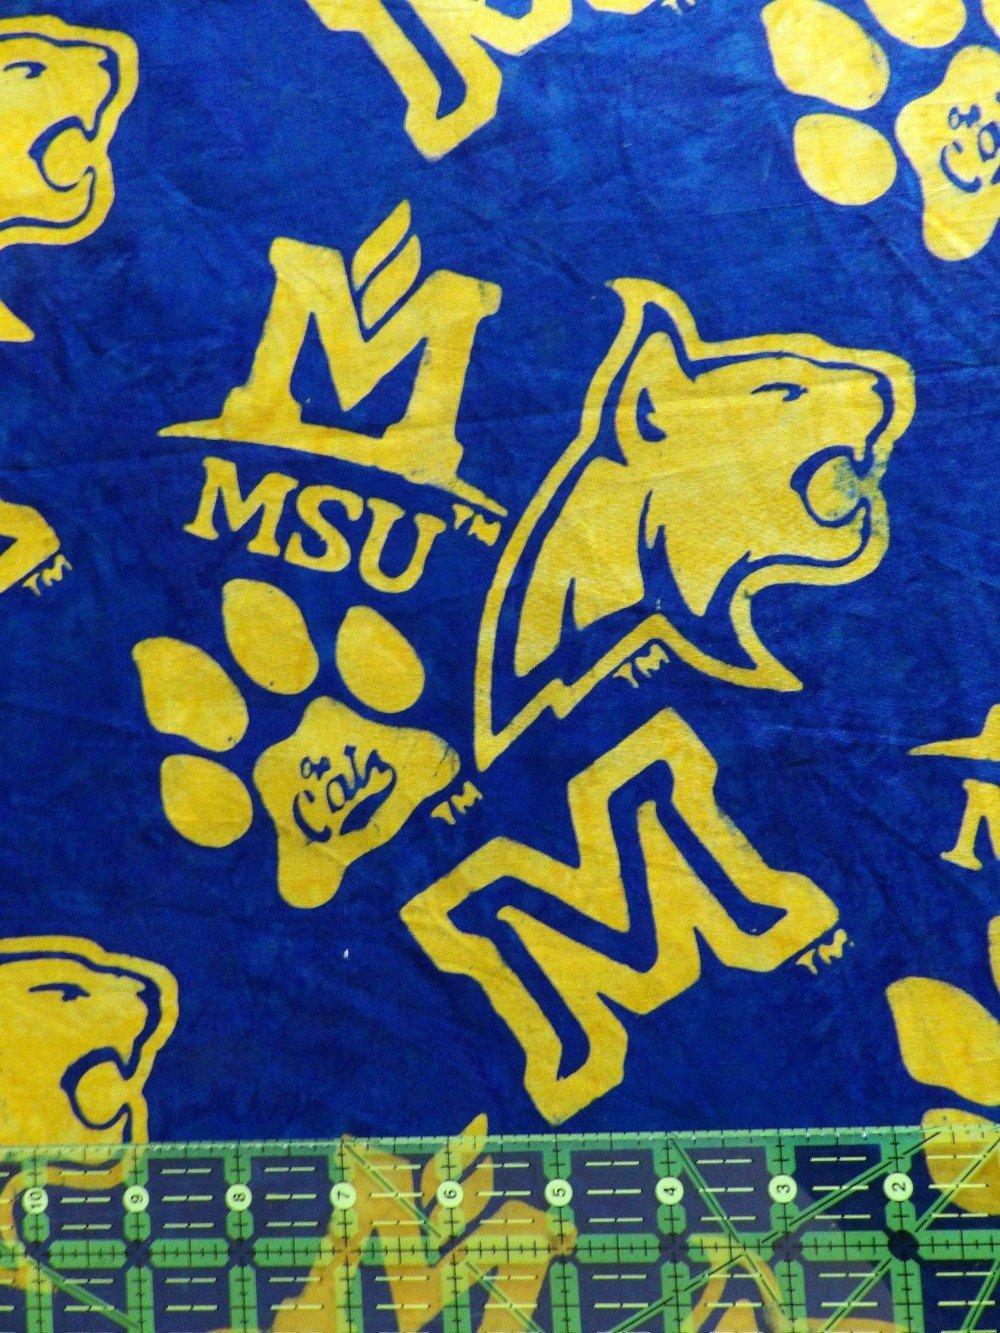 Montana State Cat Batik